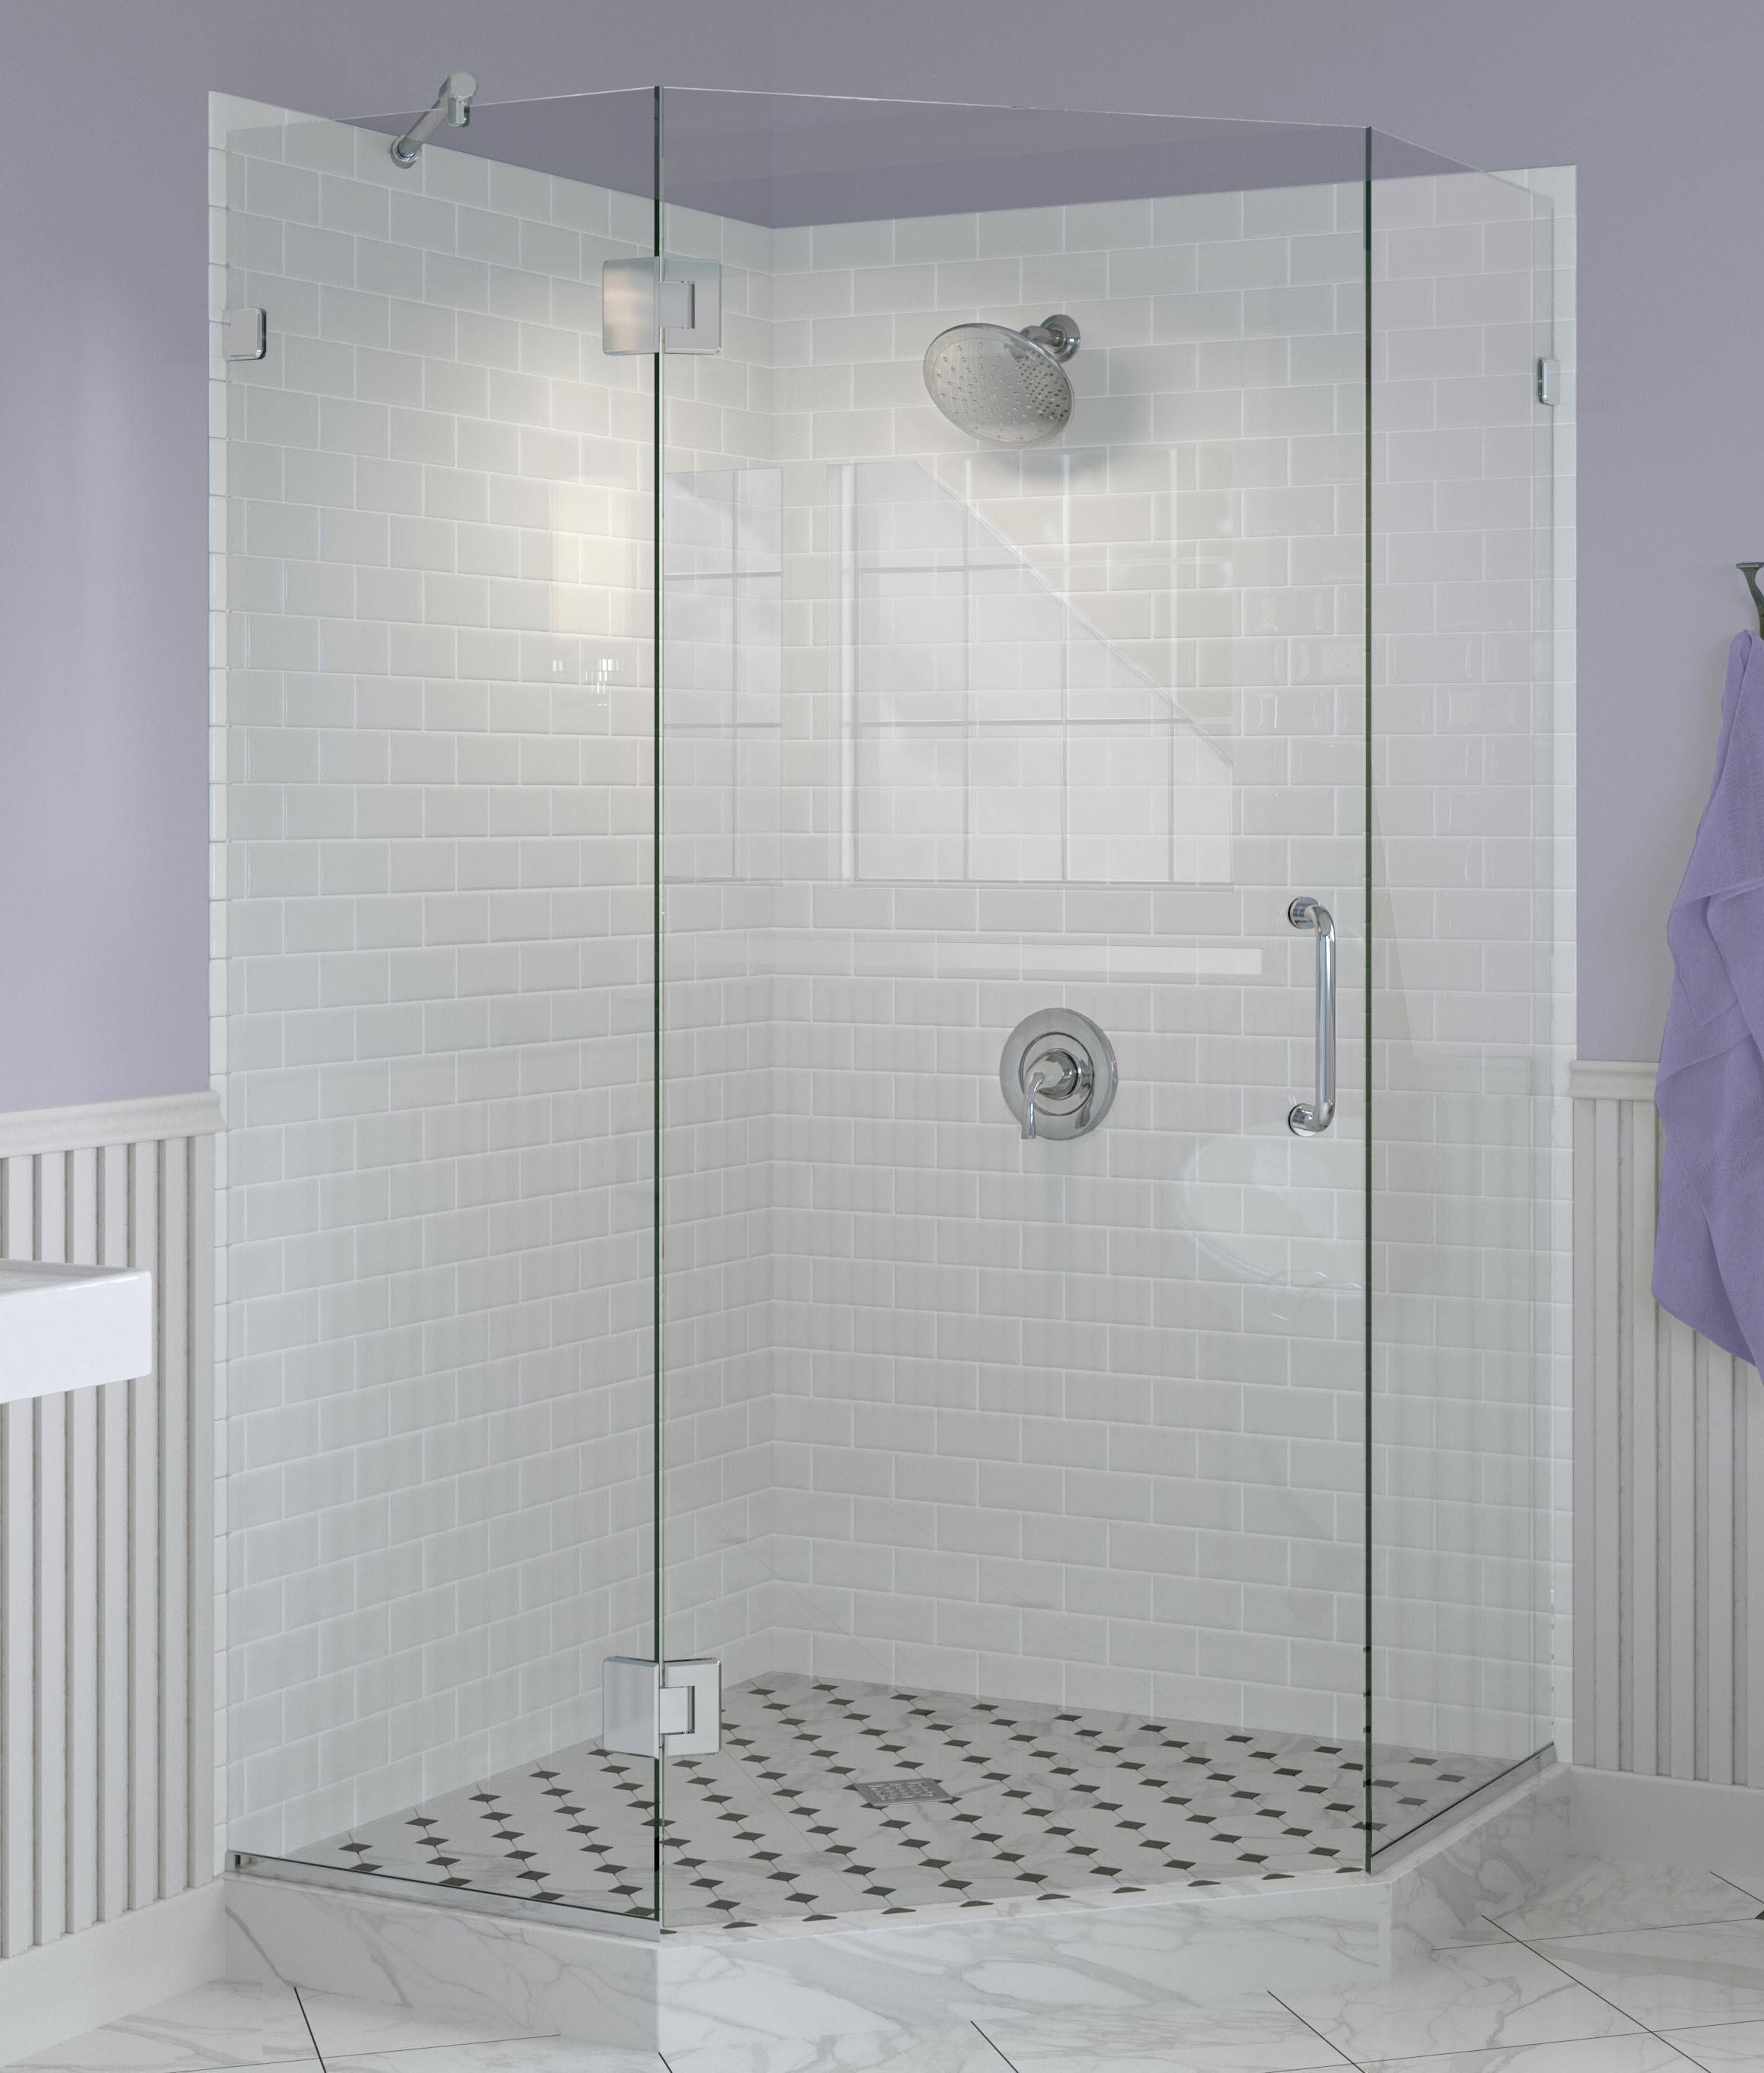 Celesta Frameless 3/8 inch Glass Neo Angle Swing Shower Door